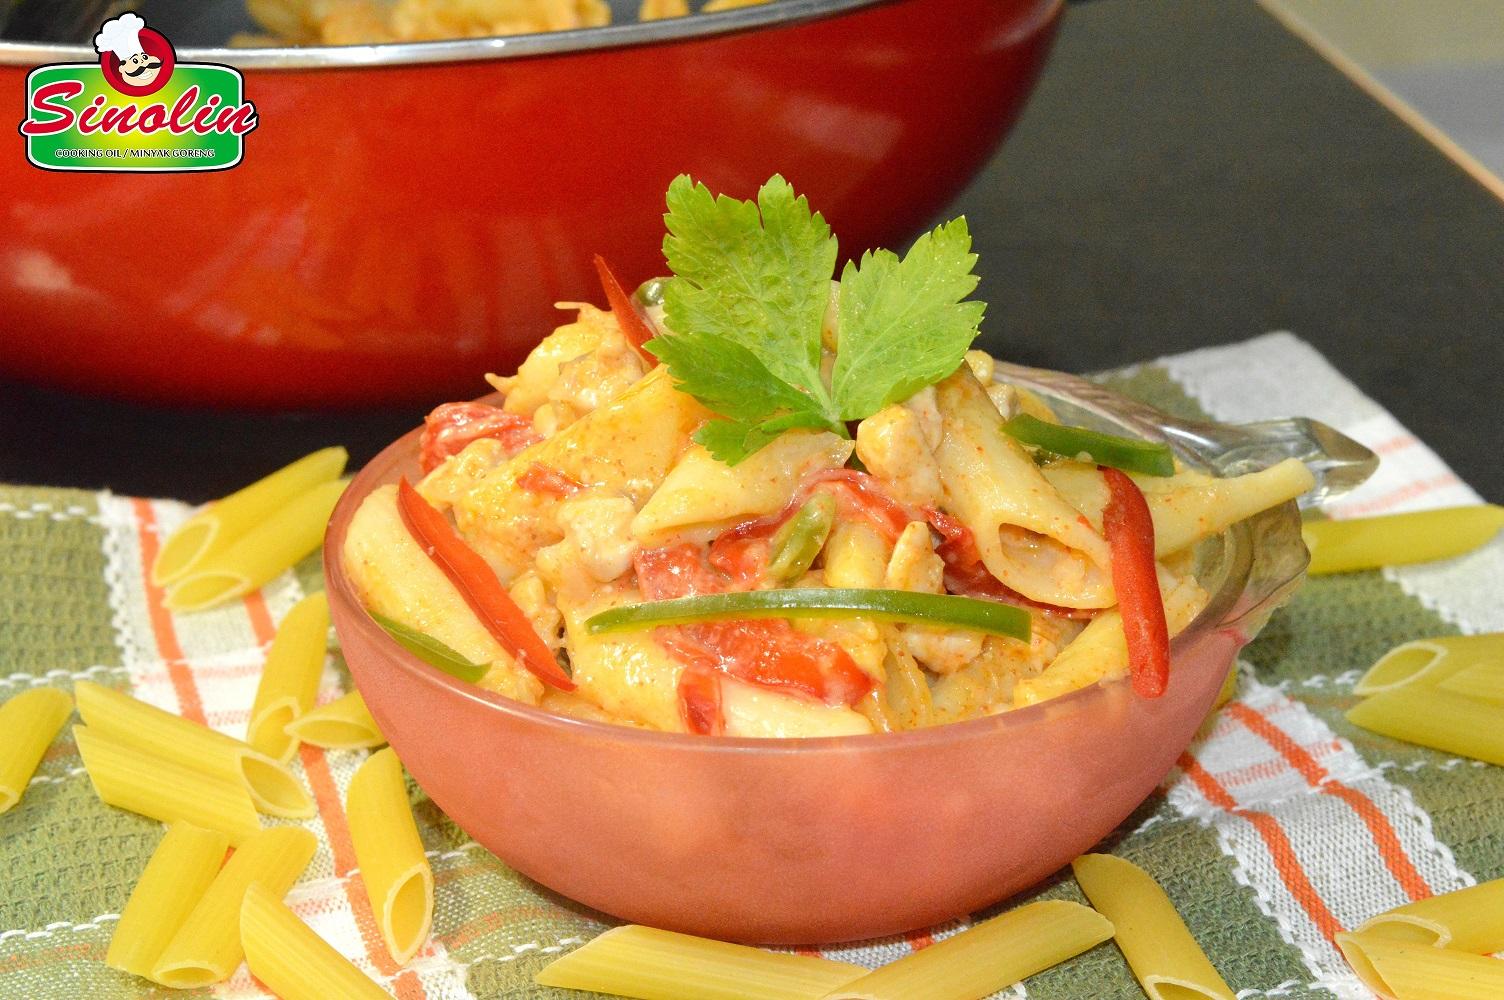 Resep Pasta Lezat dengan Potongan Daging Ayam by Dapur Sinolin